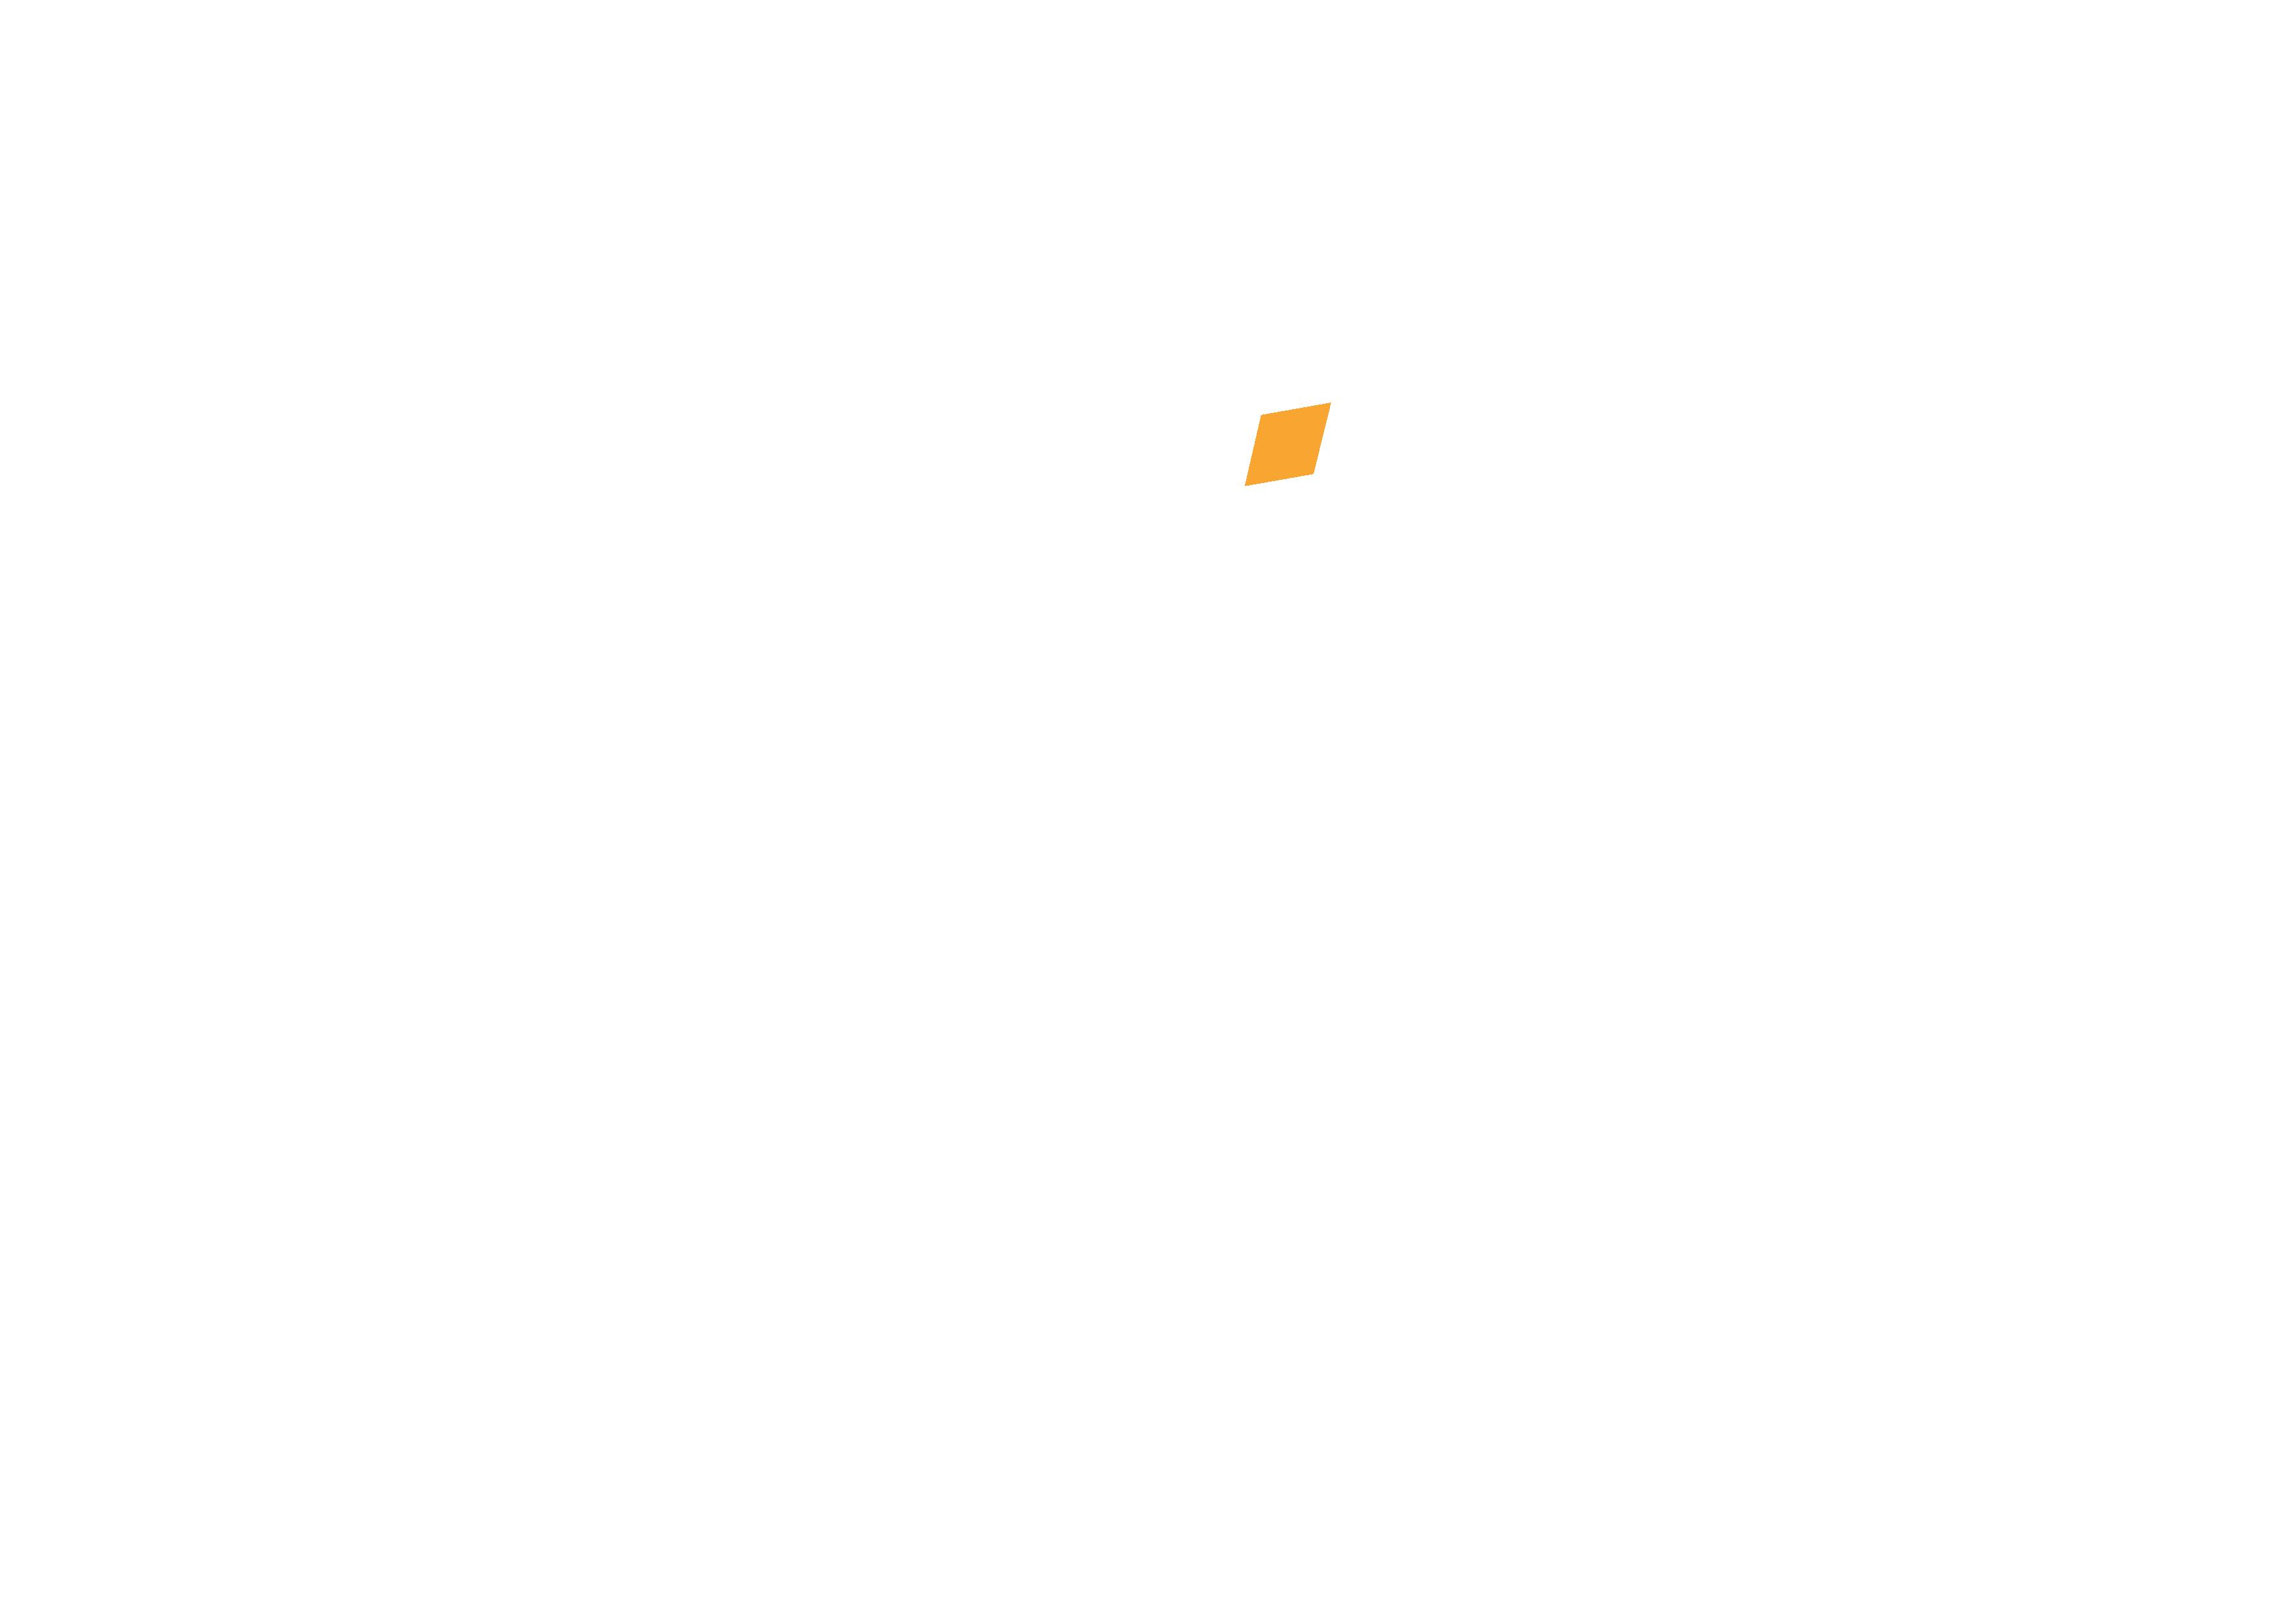 MonacoTech logo bicolore